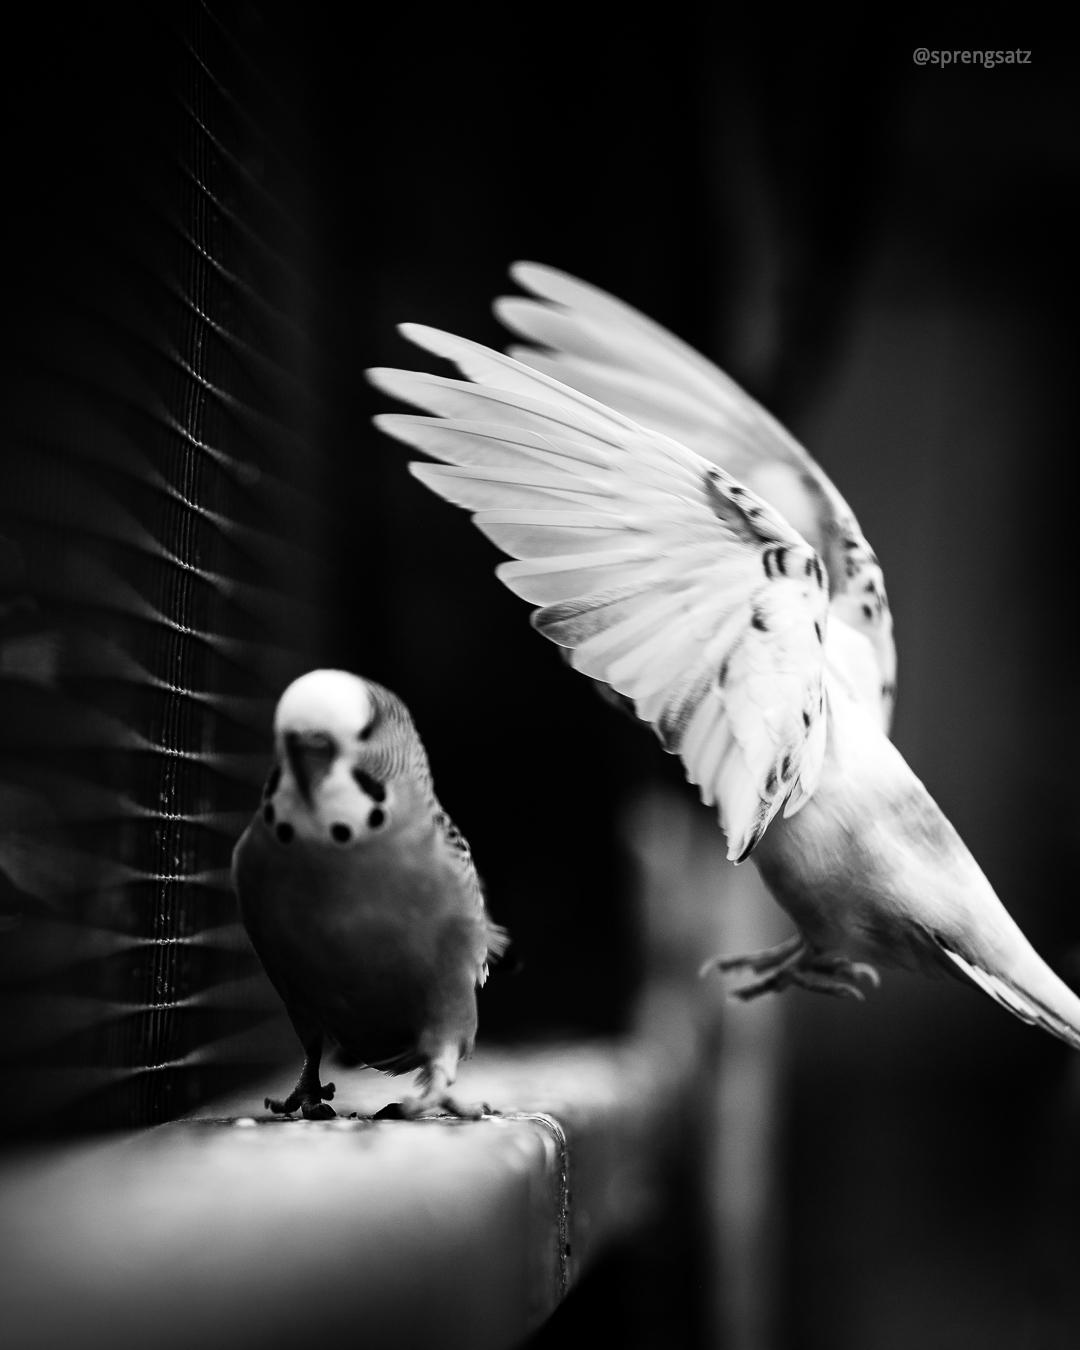 Der Wellensittich (Melopsittacus undulatus) ist eine Vogelart, die zur Familie der Eigentlichen Papageien (Psittacidae) gehört.